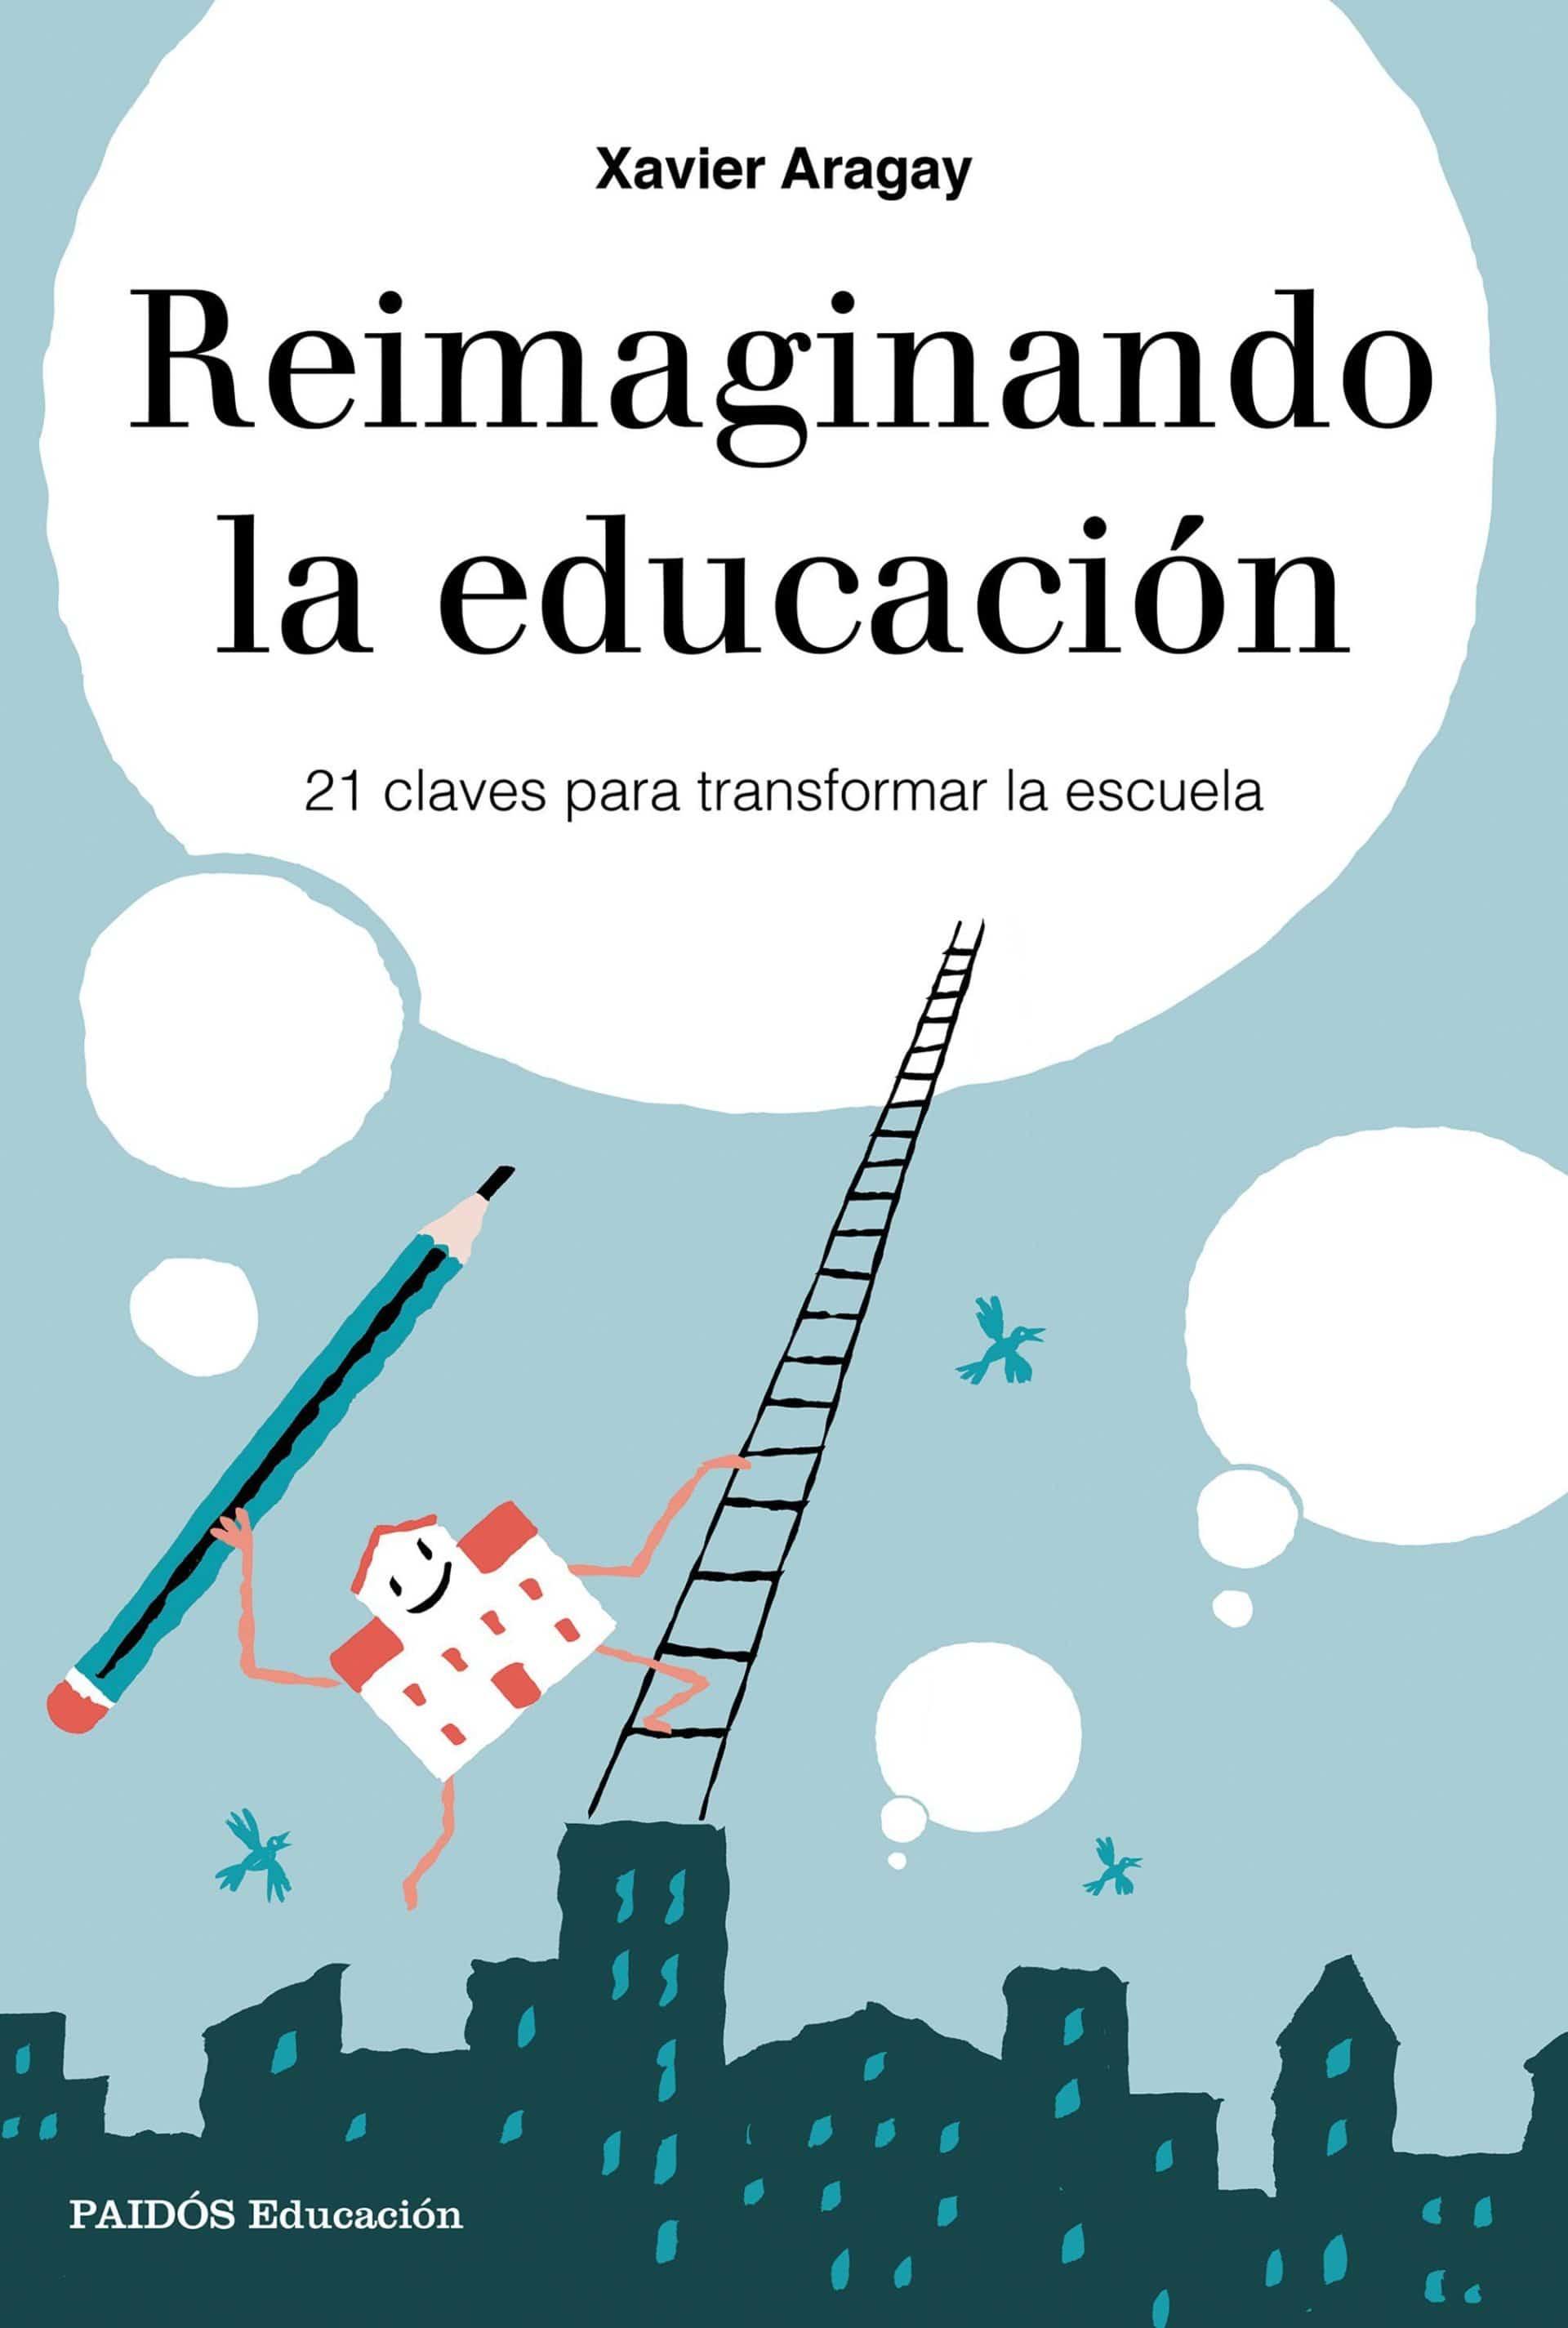 Reimaginando la educación - libros escritos por docentes